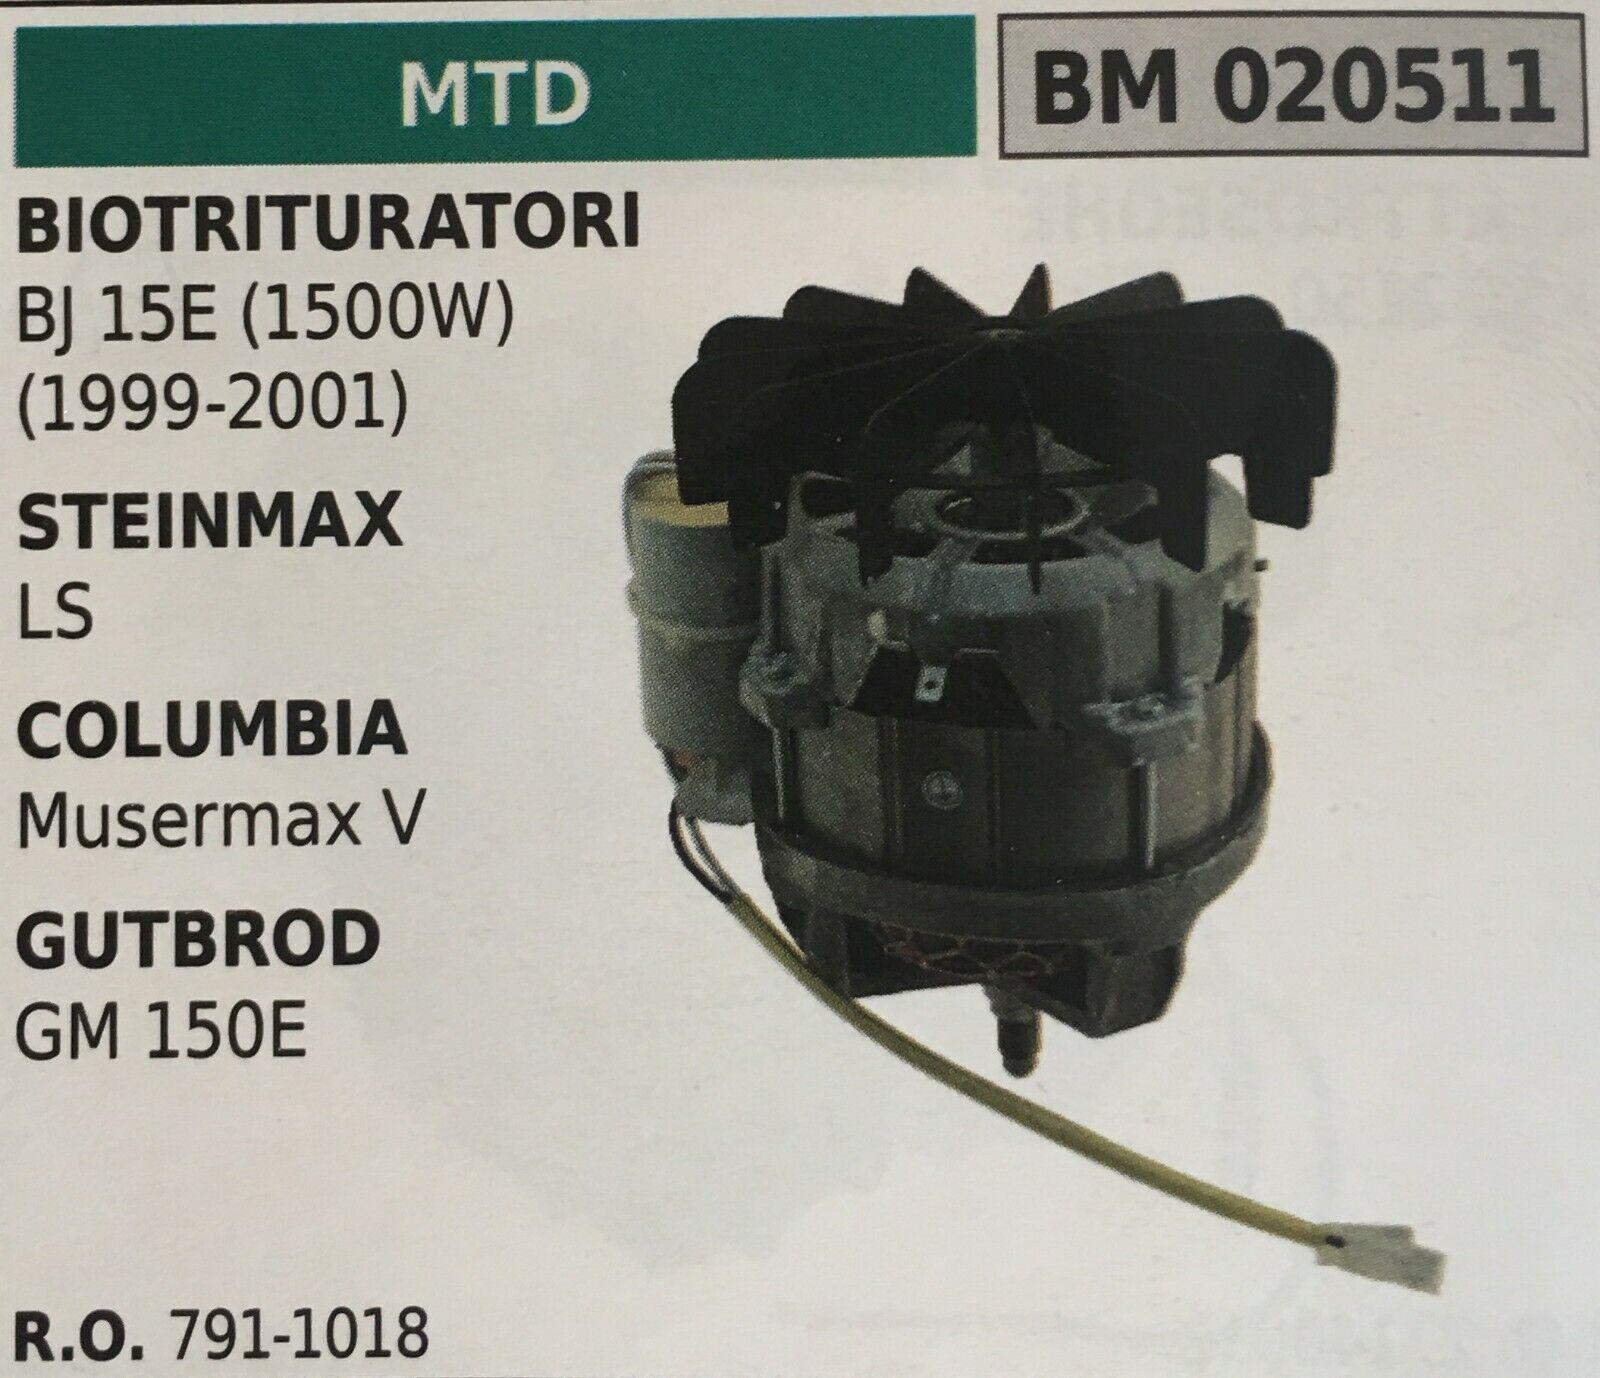 MOTORE ELETTRICO BRUMAR MTD BM020511 BIOTRITURATORI BJ 15E (1500W) e altro